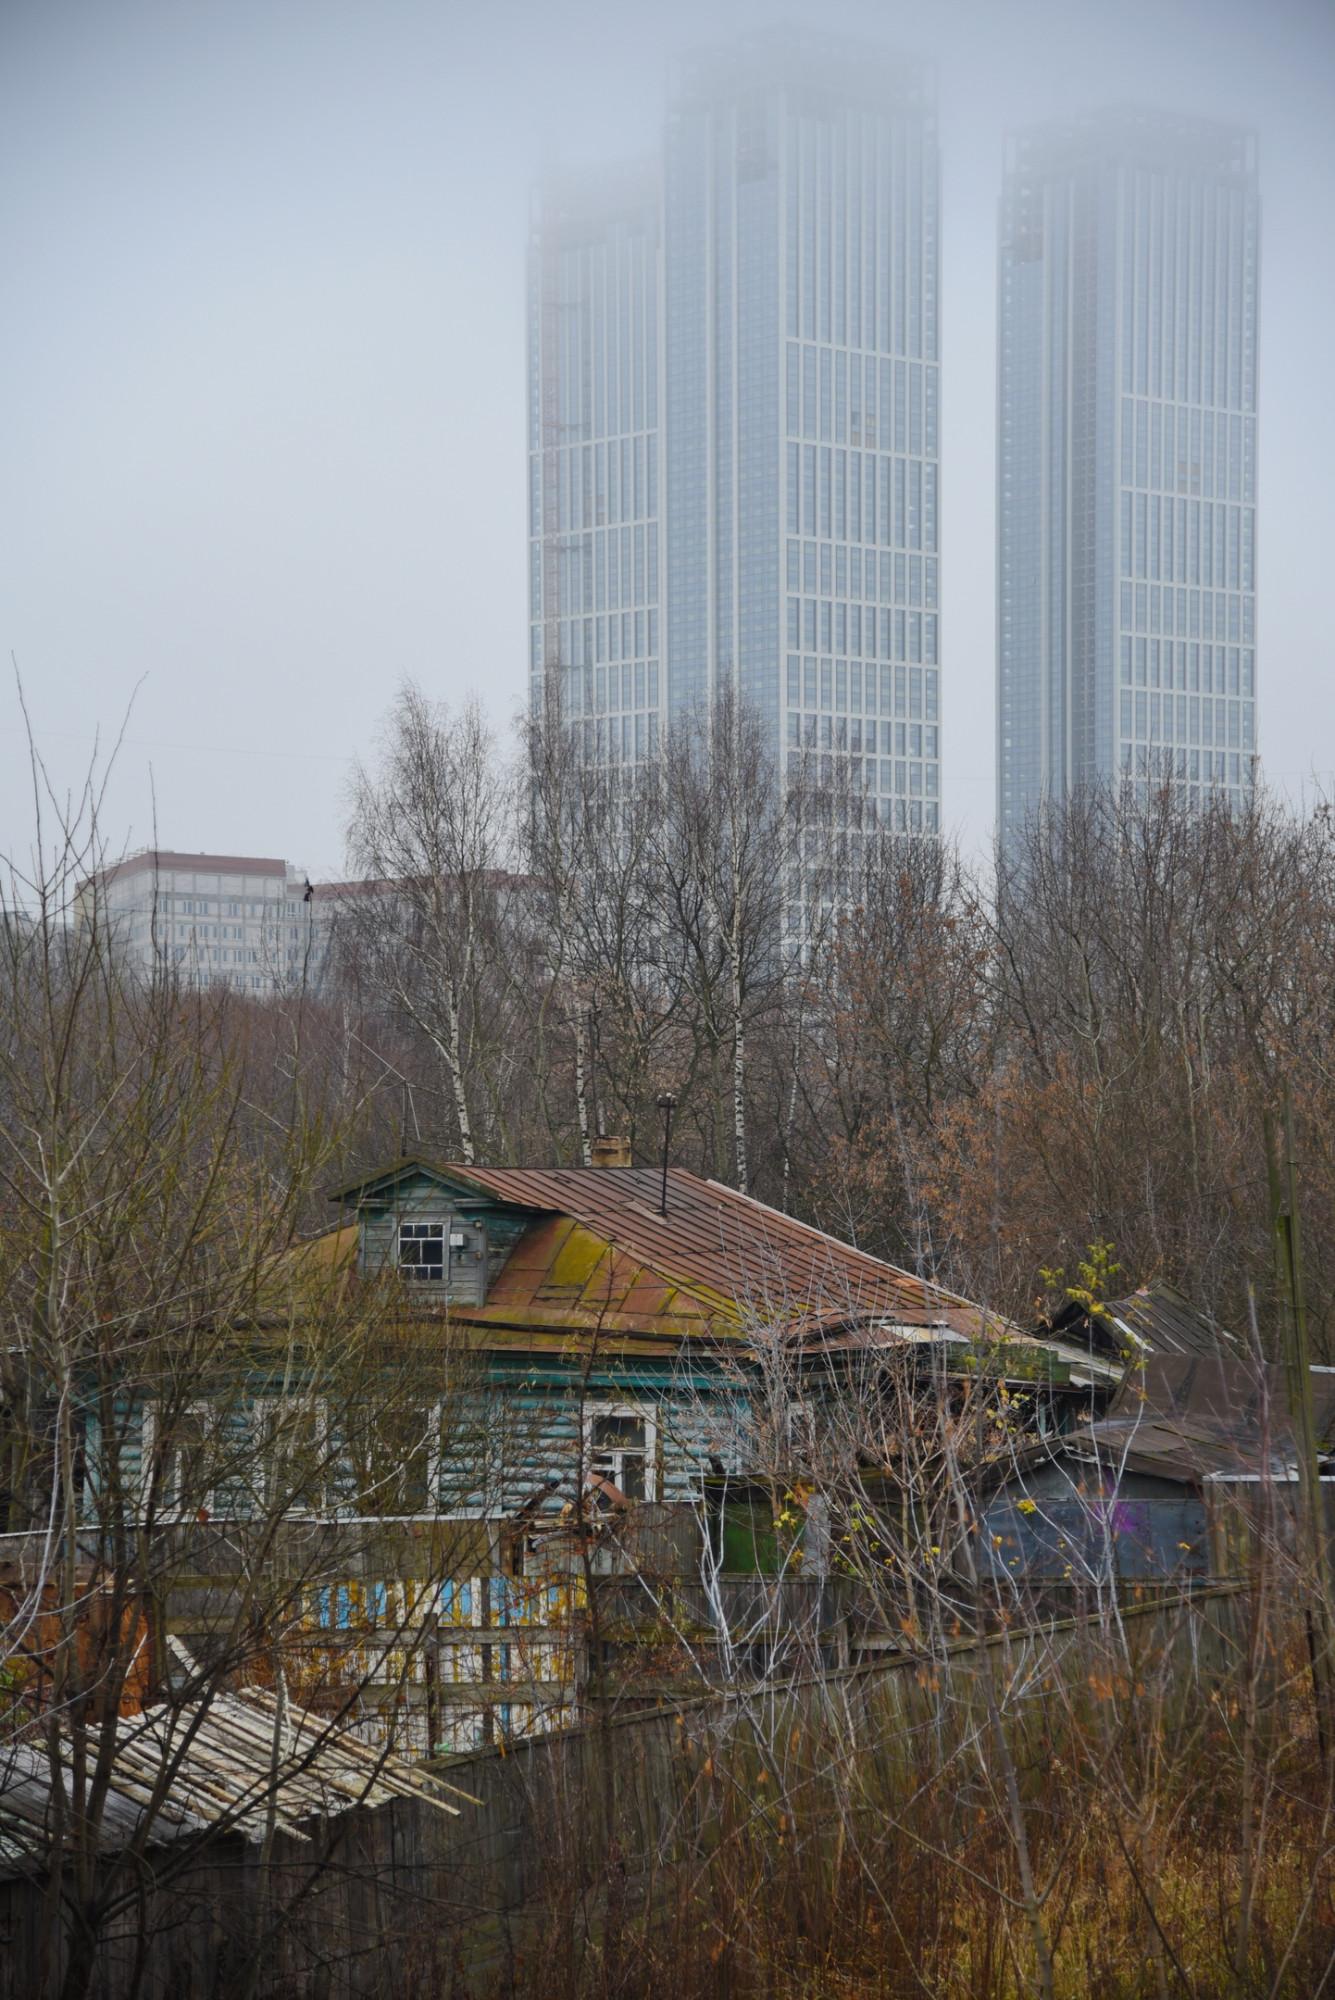 Последний дом деревни Матвеевское. Сергей Игнатов. 17.11.2019